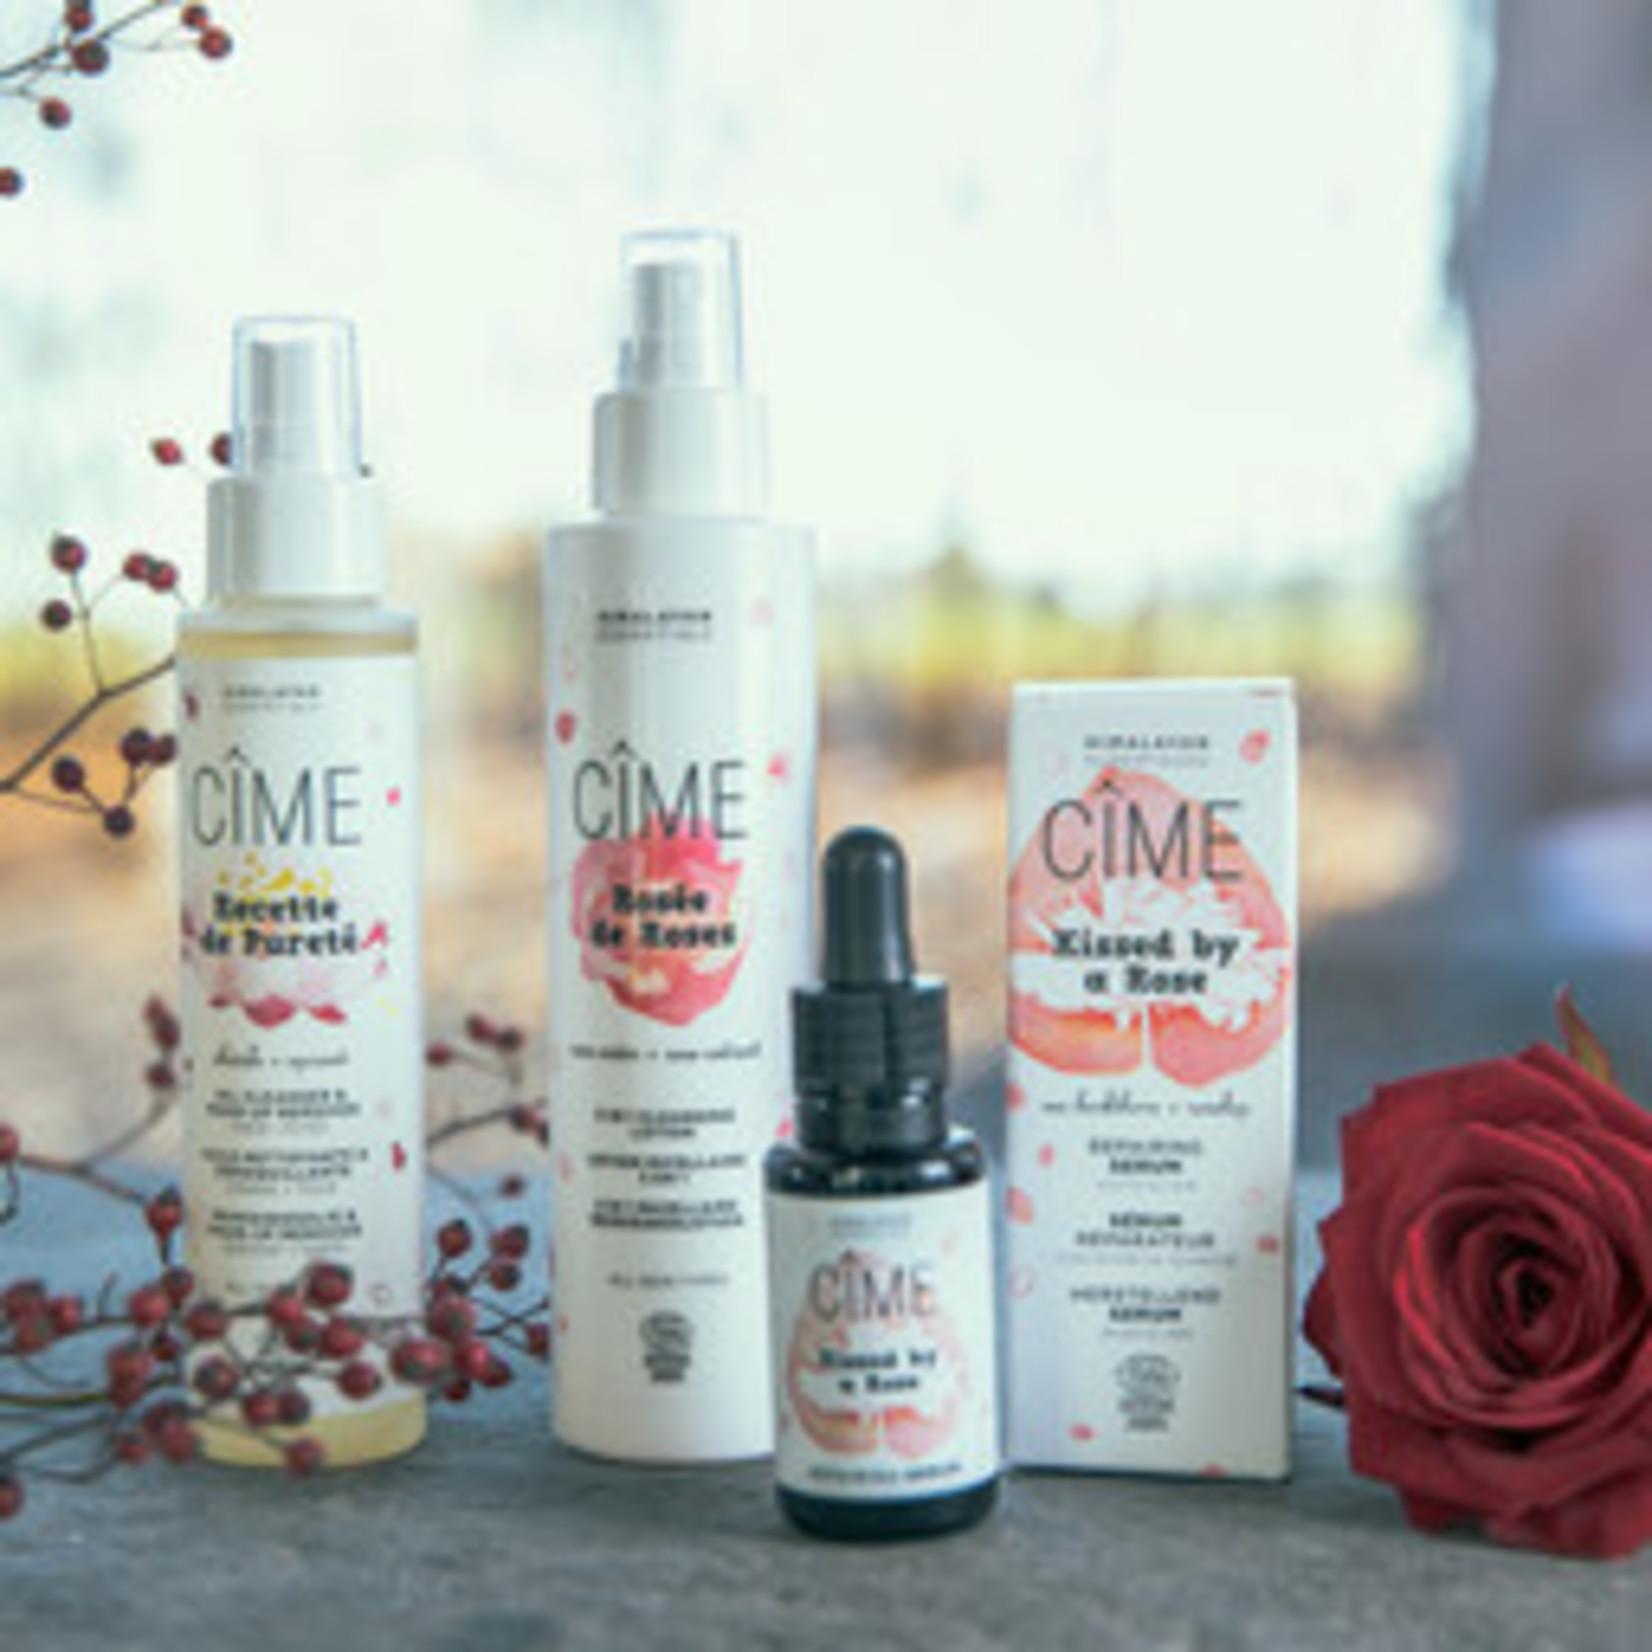 Reinigingsolie & make-up remover - Recette de Pureté - Cîme